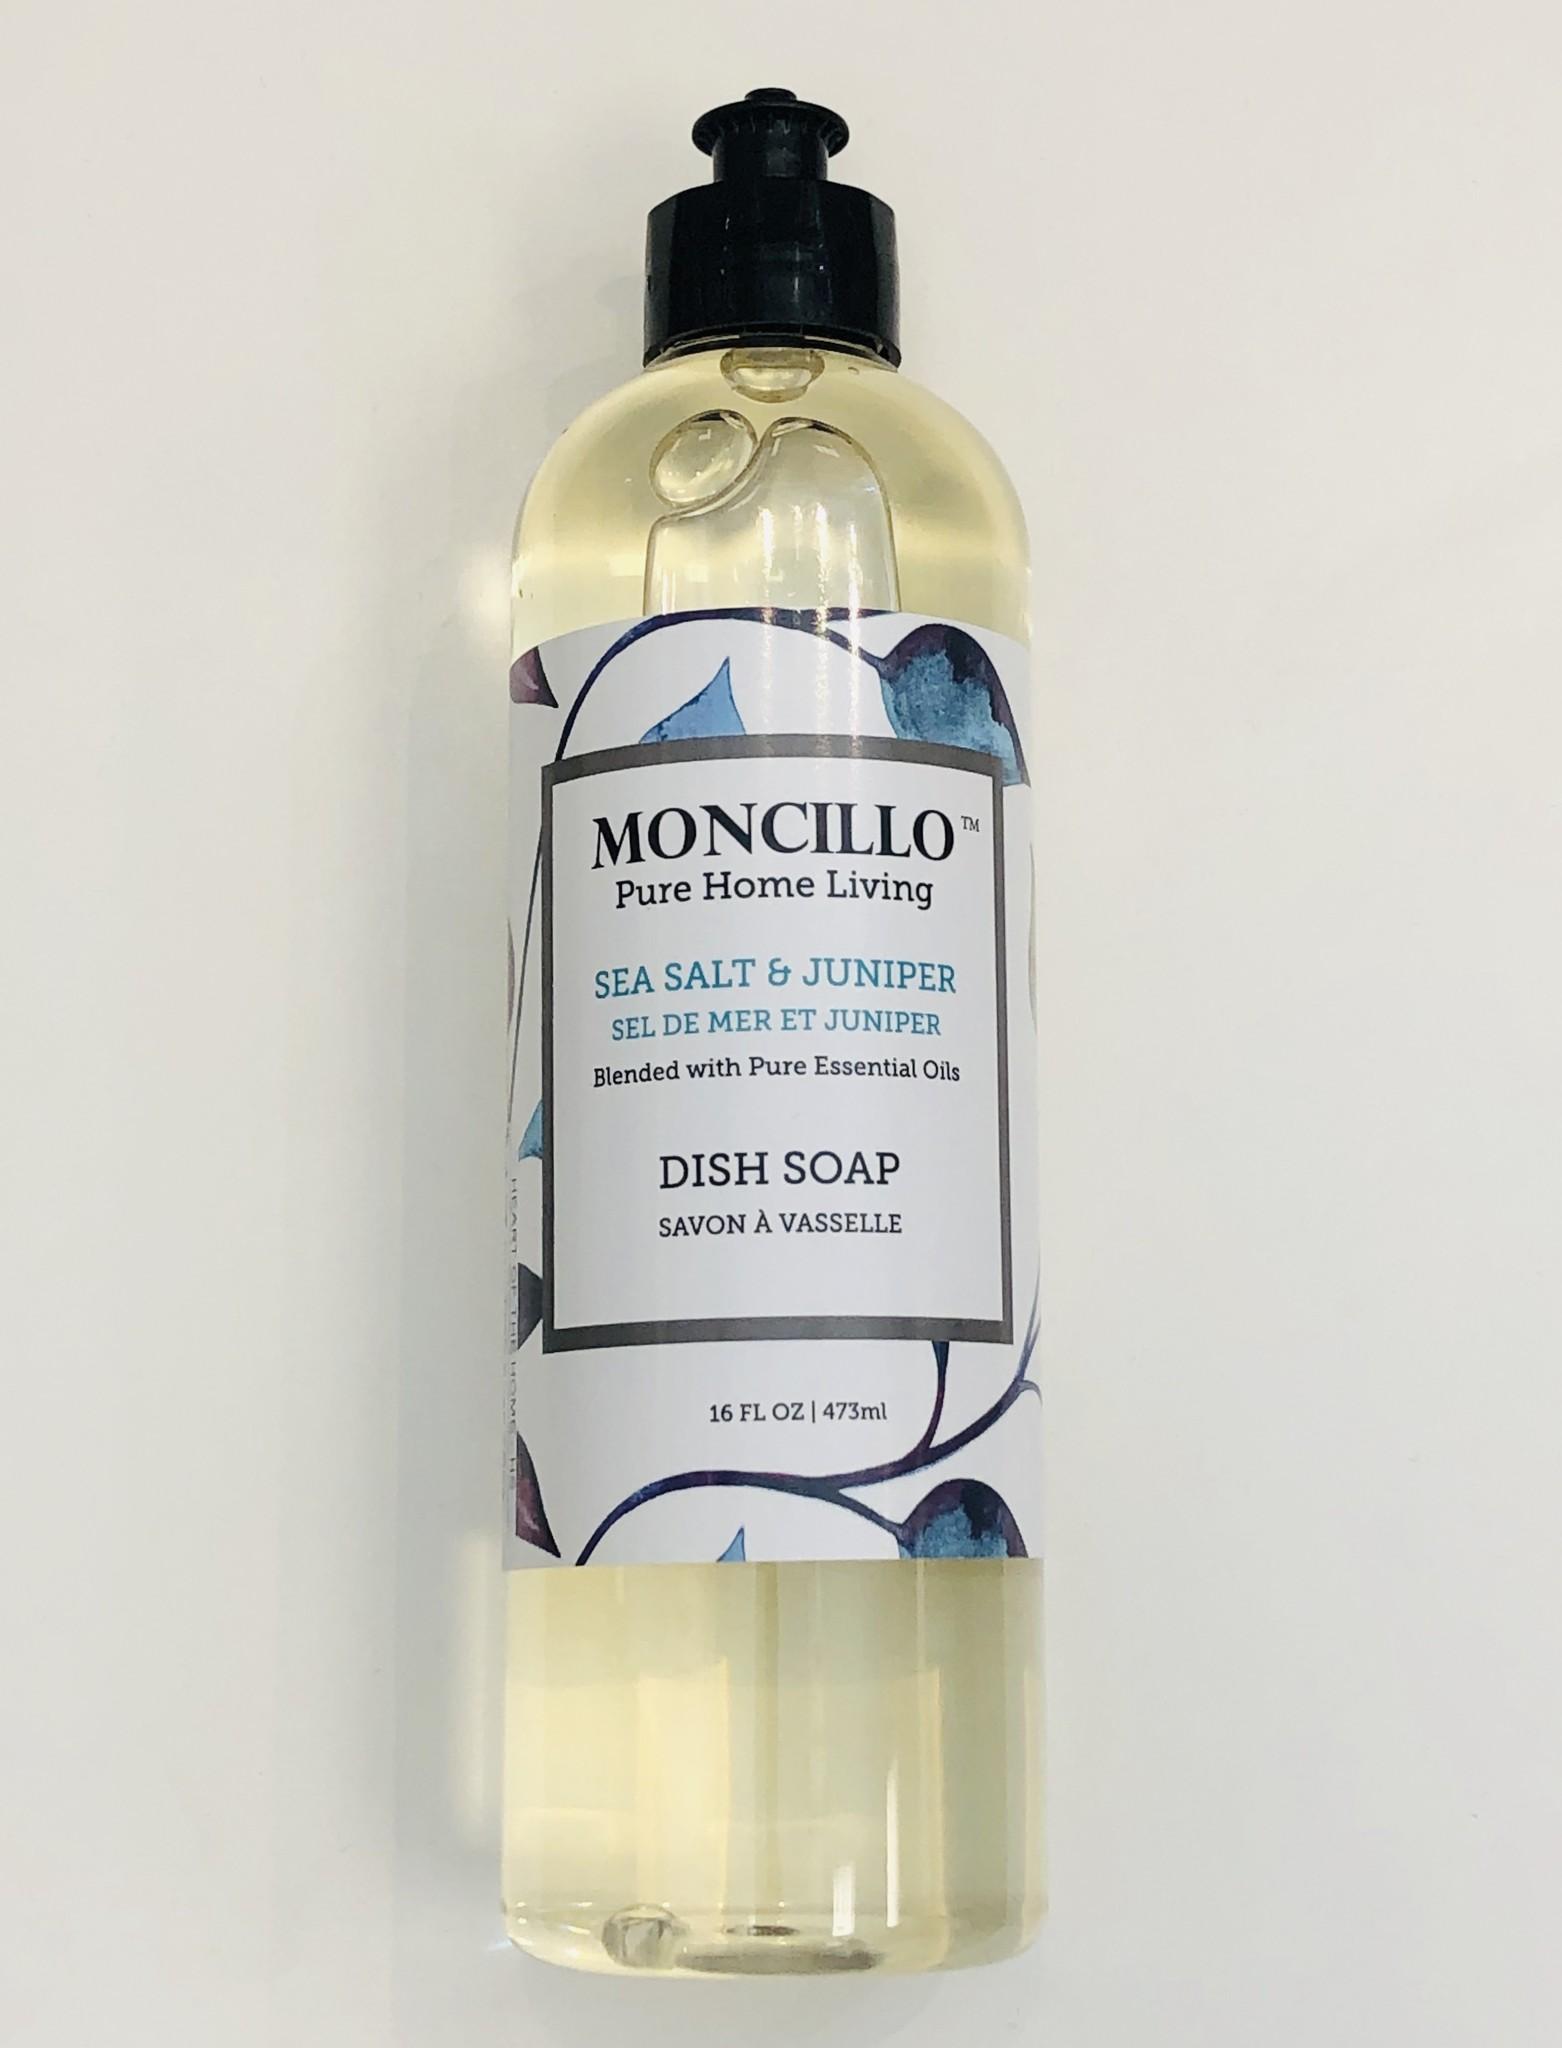 Moncillo Pure Home Living Dish Soap - Sea Salt & Juniper 473ml